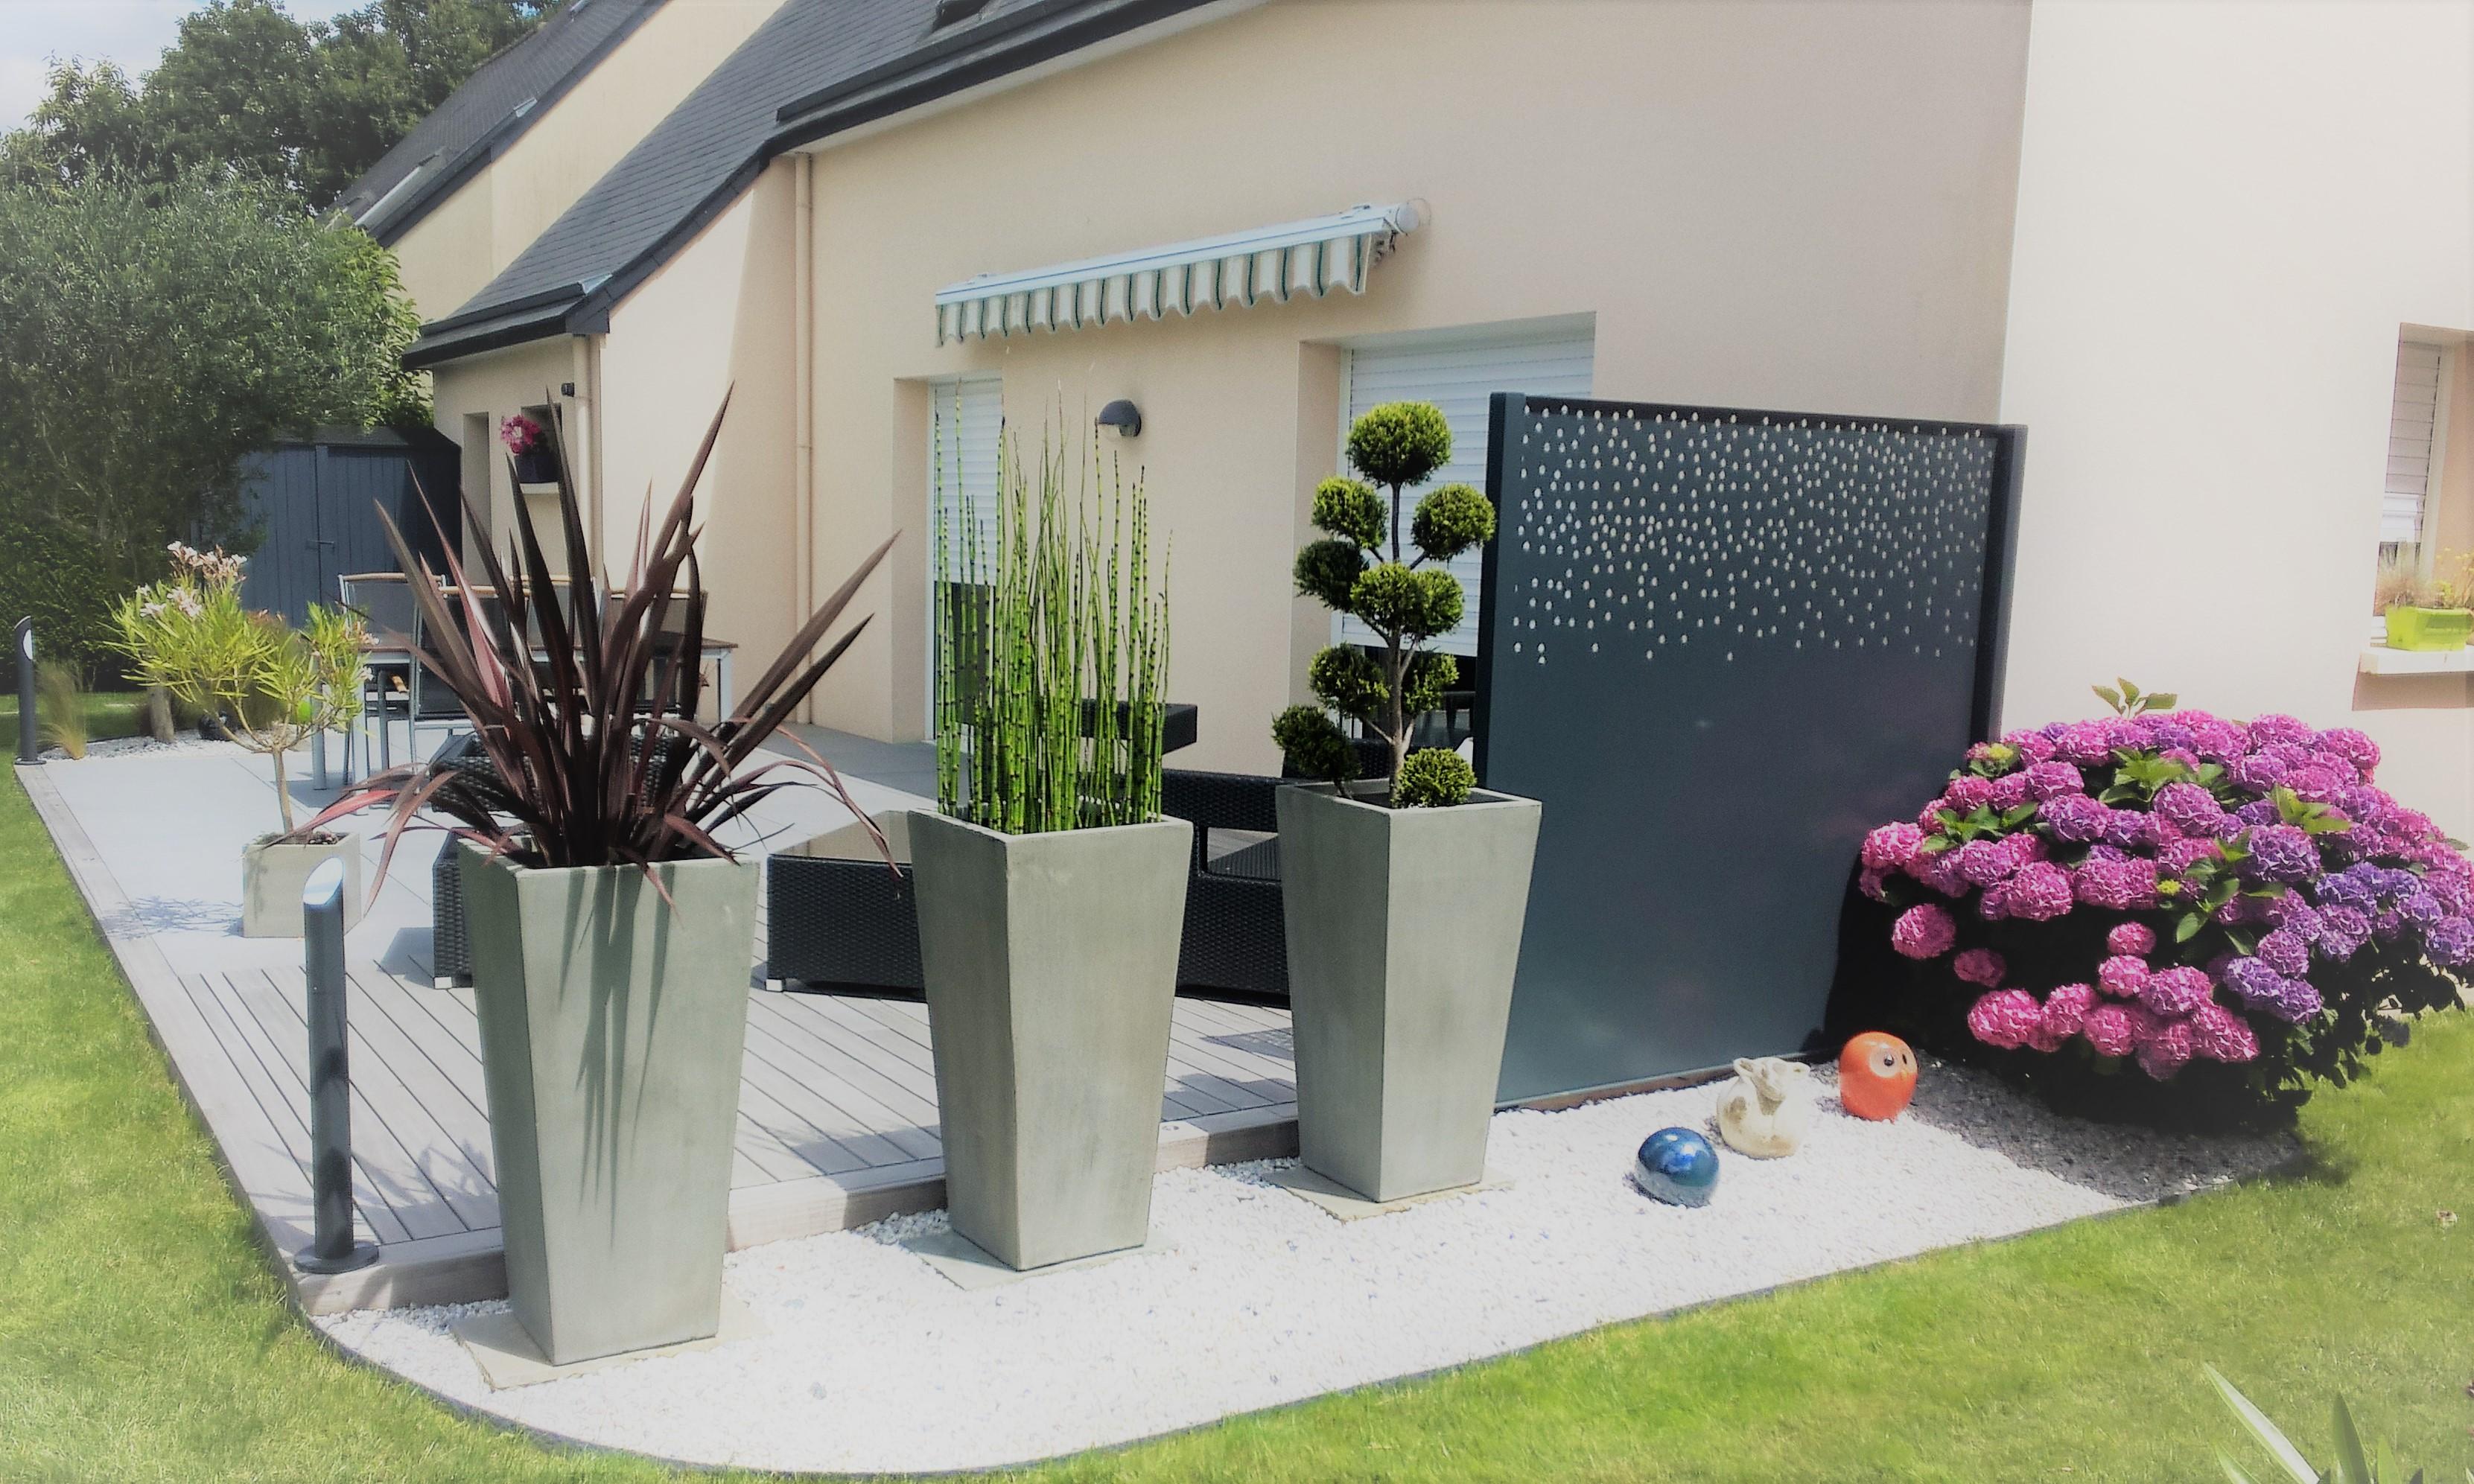 Claustra décoratif et plantations